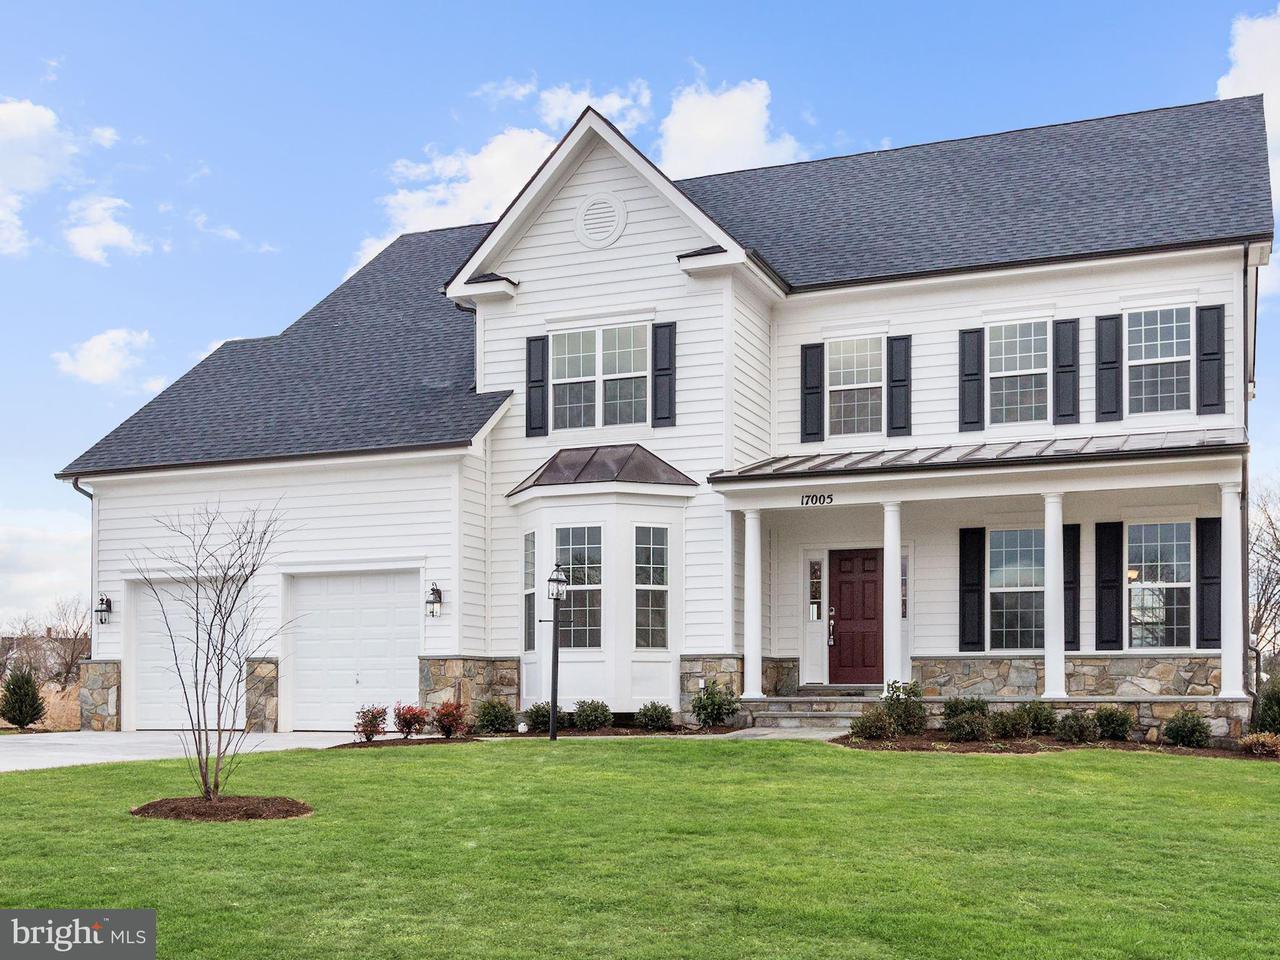 단독 가정 주택 용 매매 에 17005 Bennett Way 17005 Bennett Way Poolesville, 메릴랜드 20837 미국